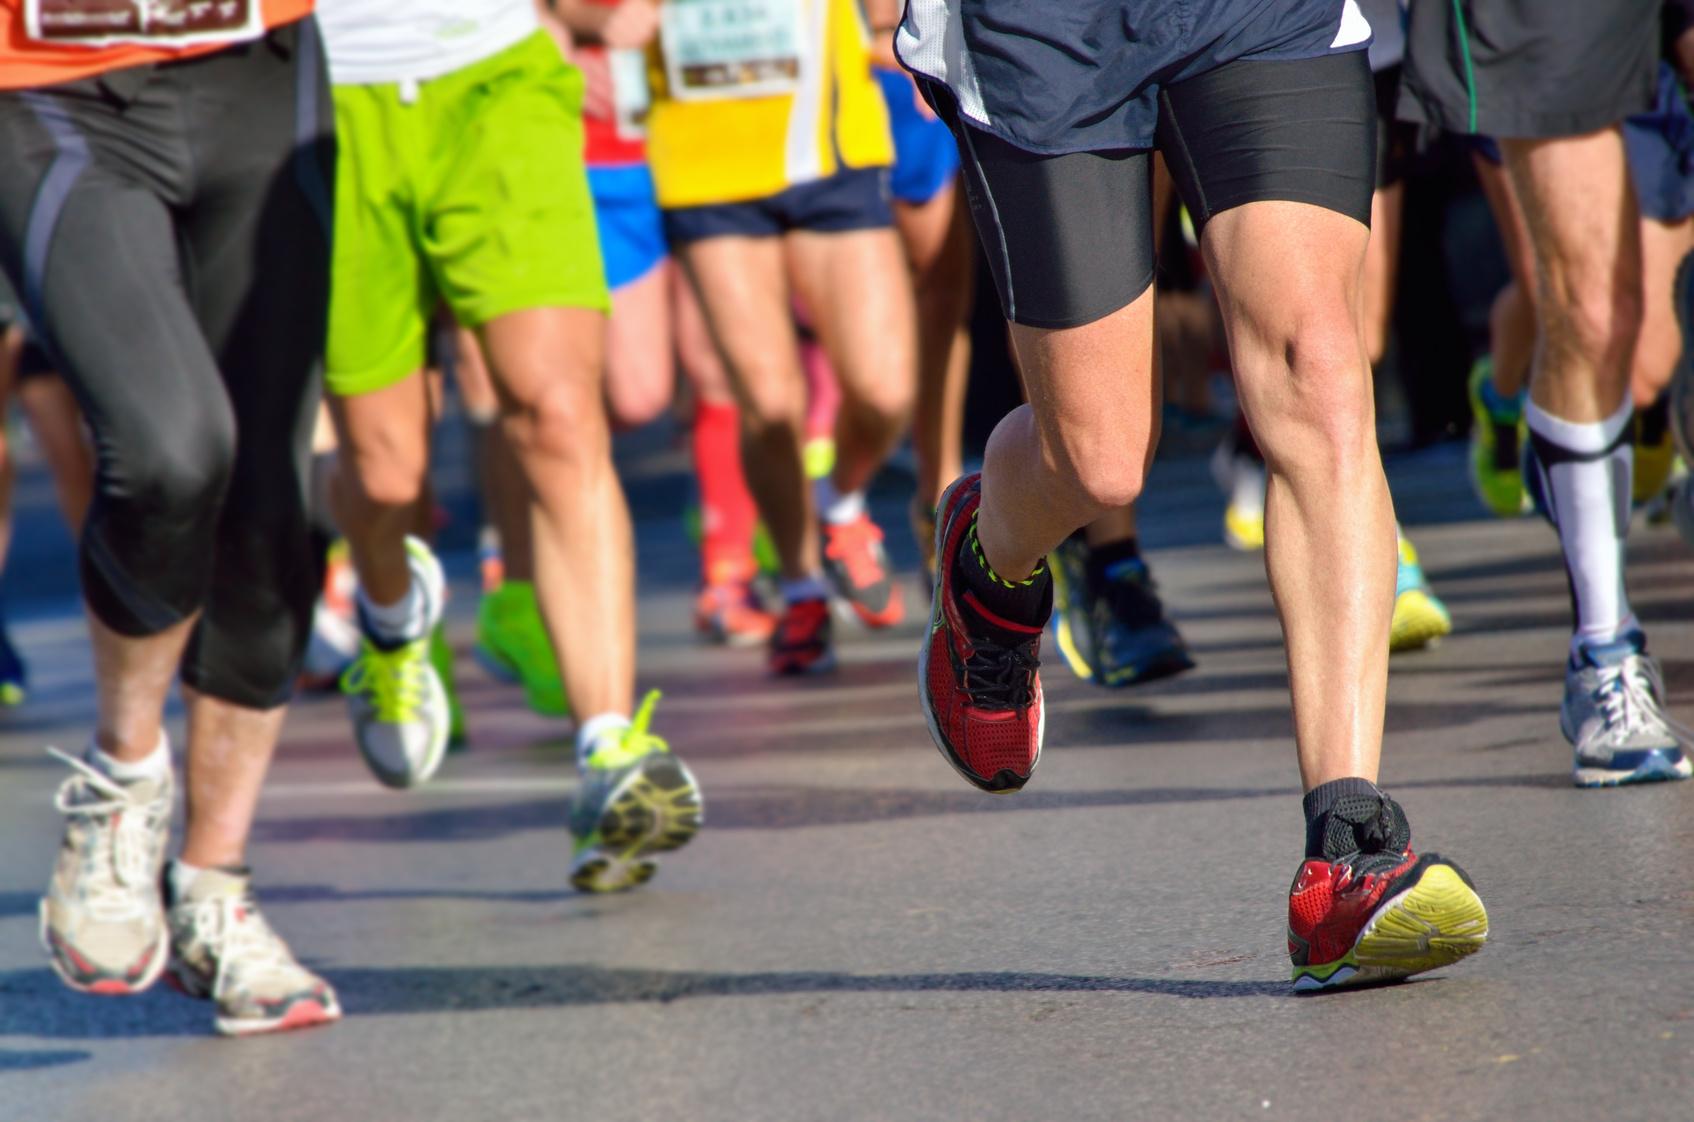 Menschen bei Laufen